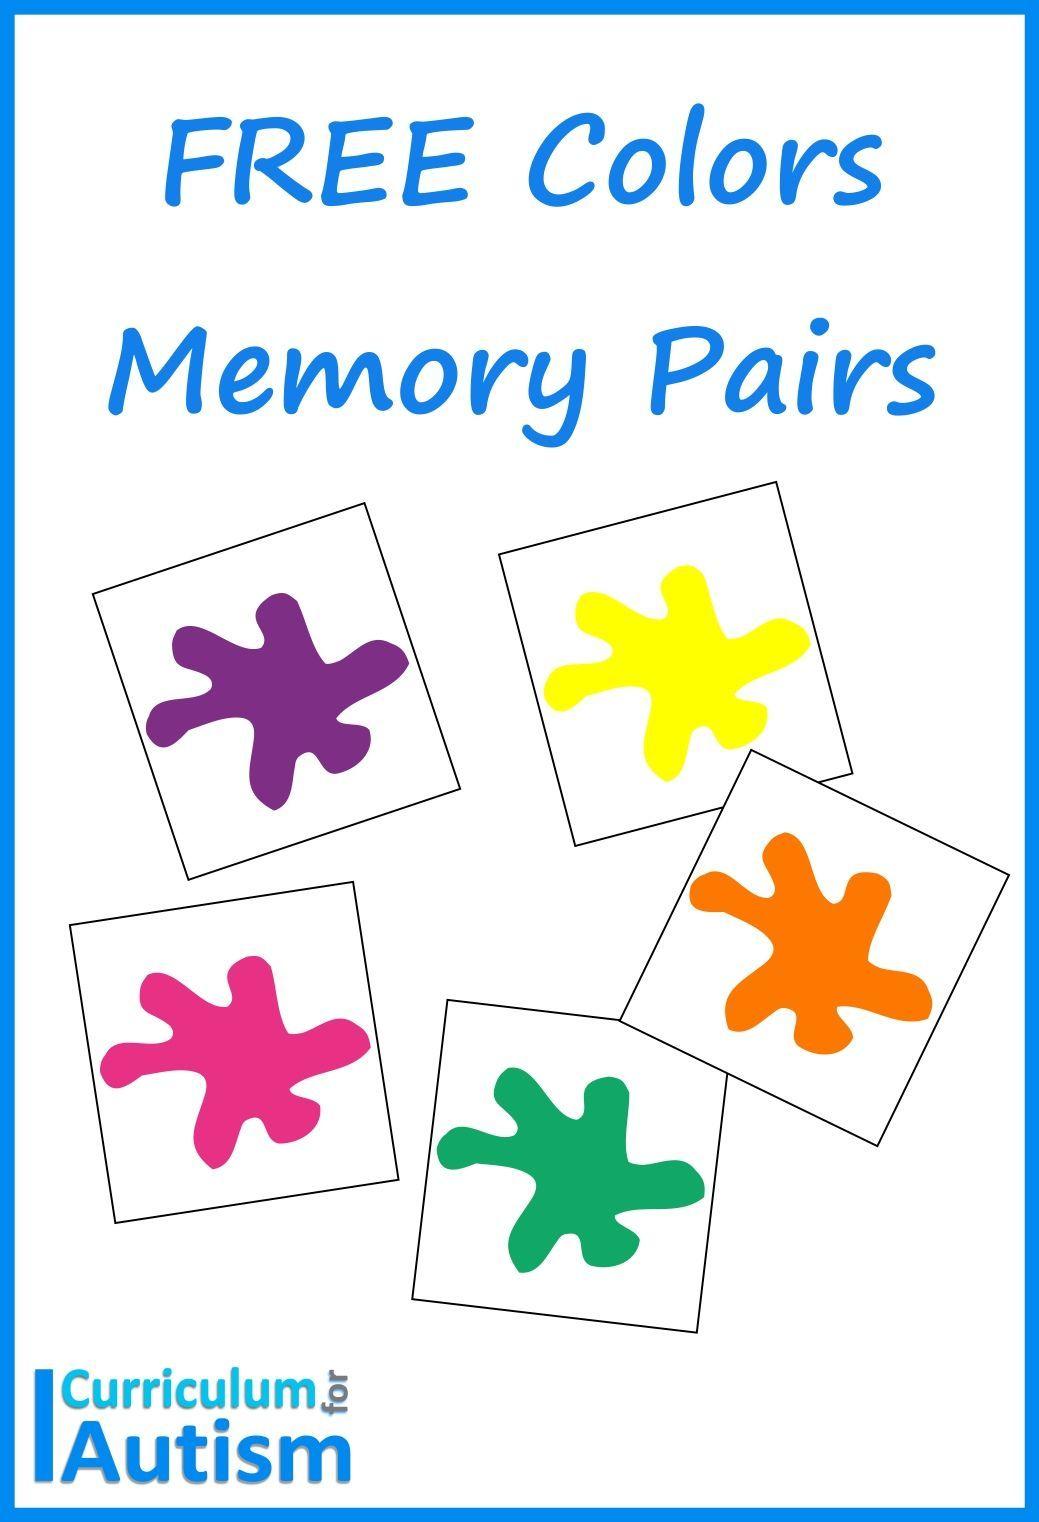 Free Colors Memory Pairs Game